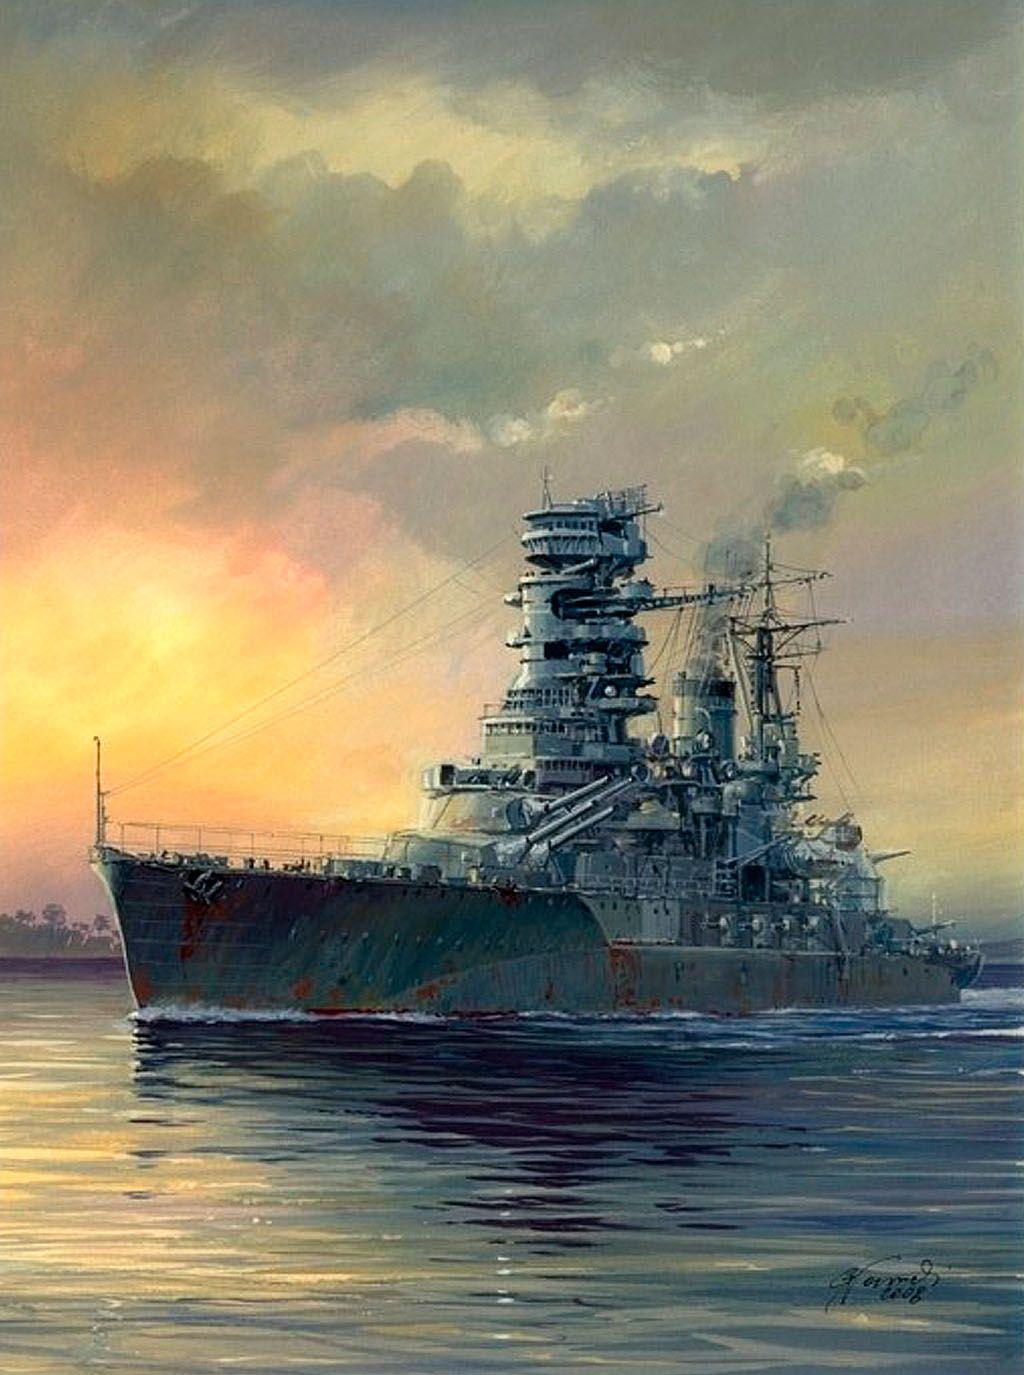 戦艦長門と夕日の壁紙